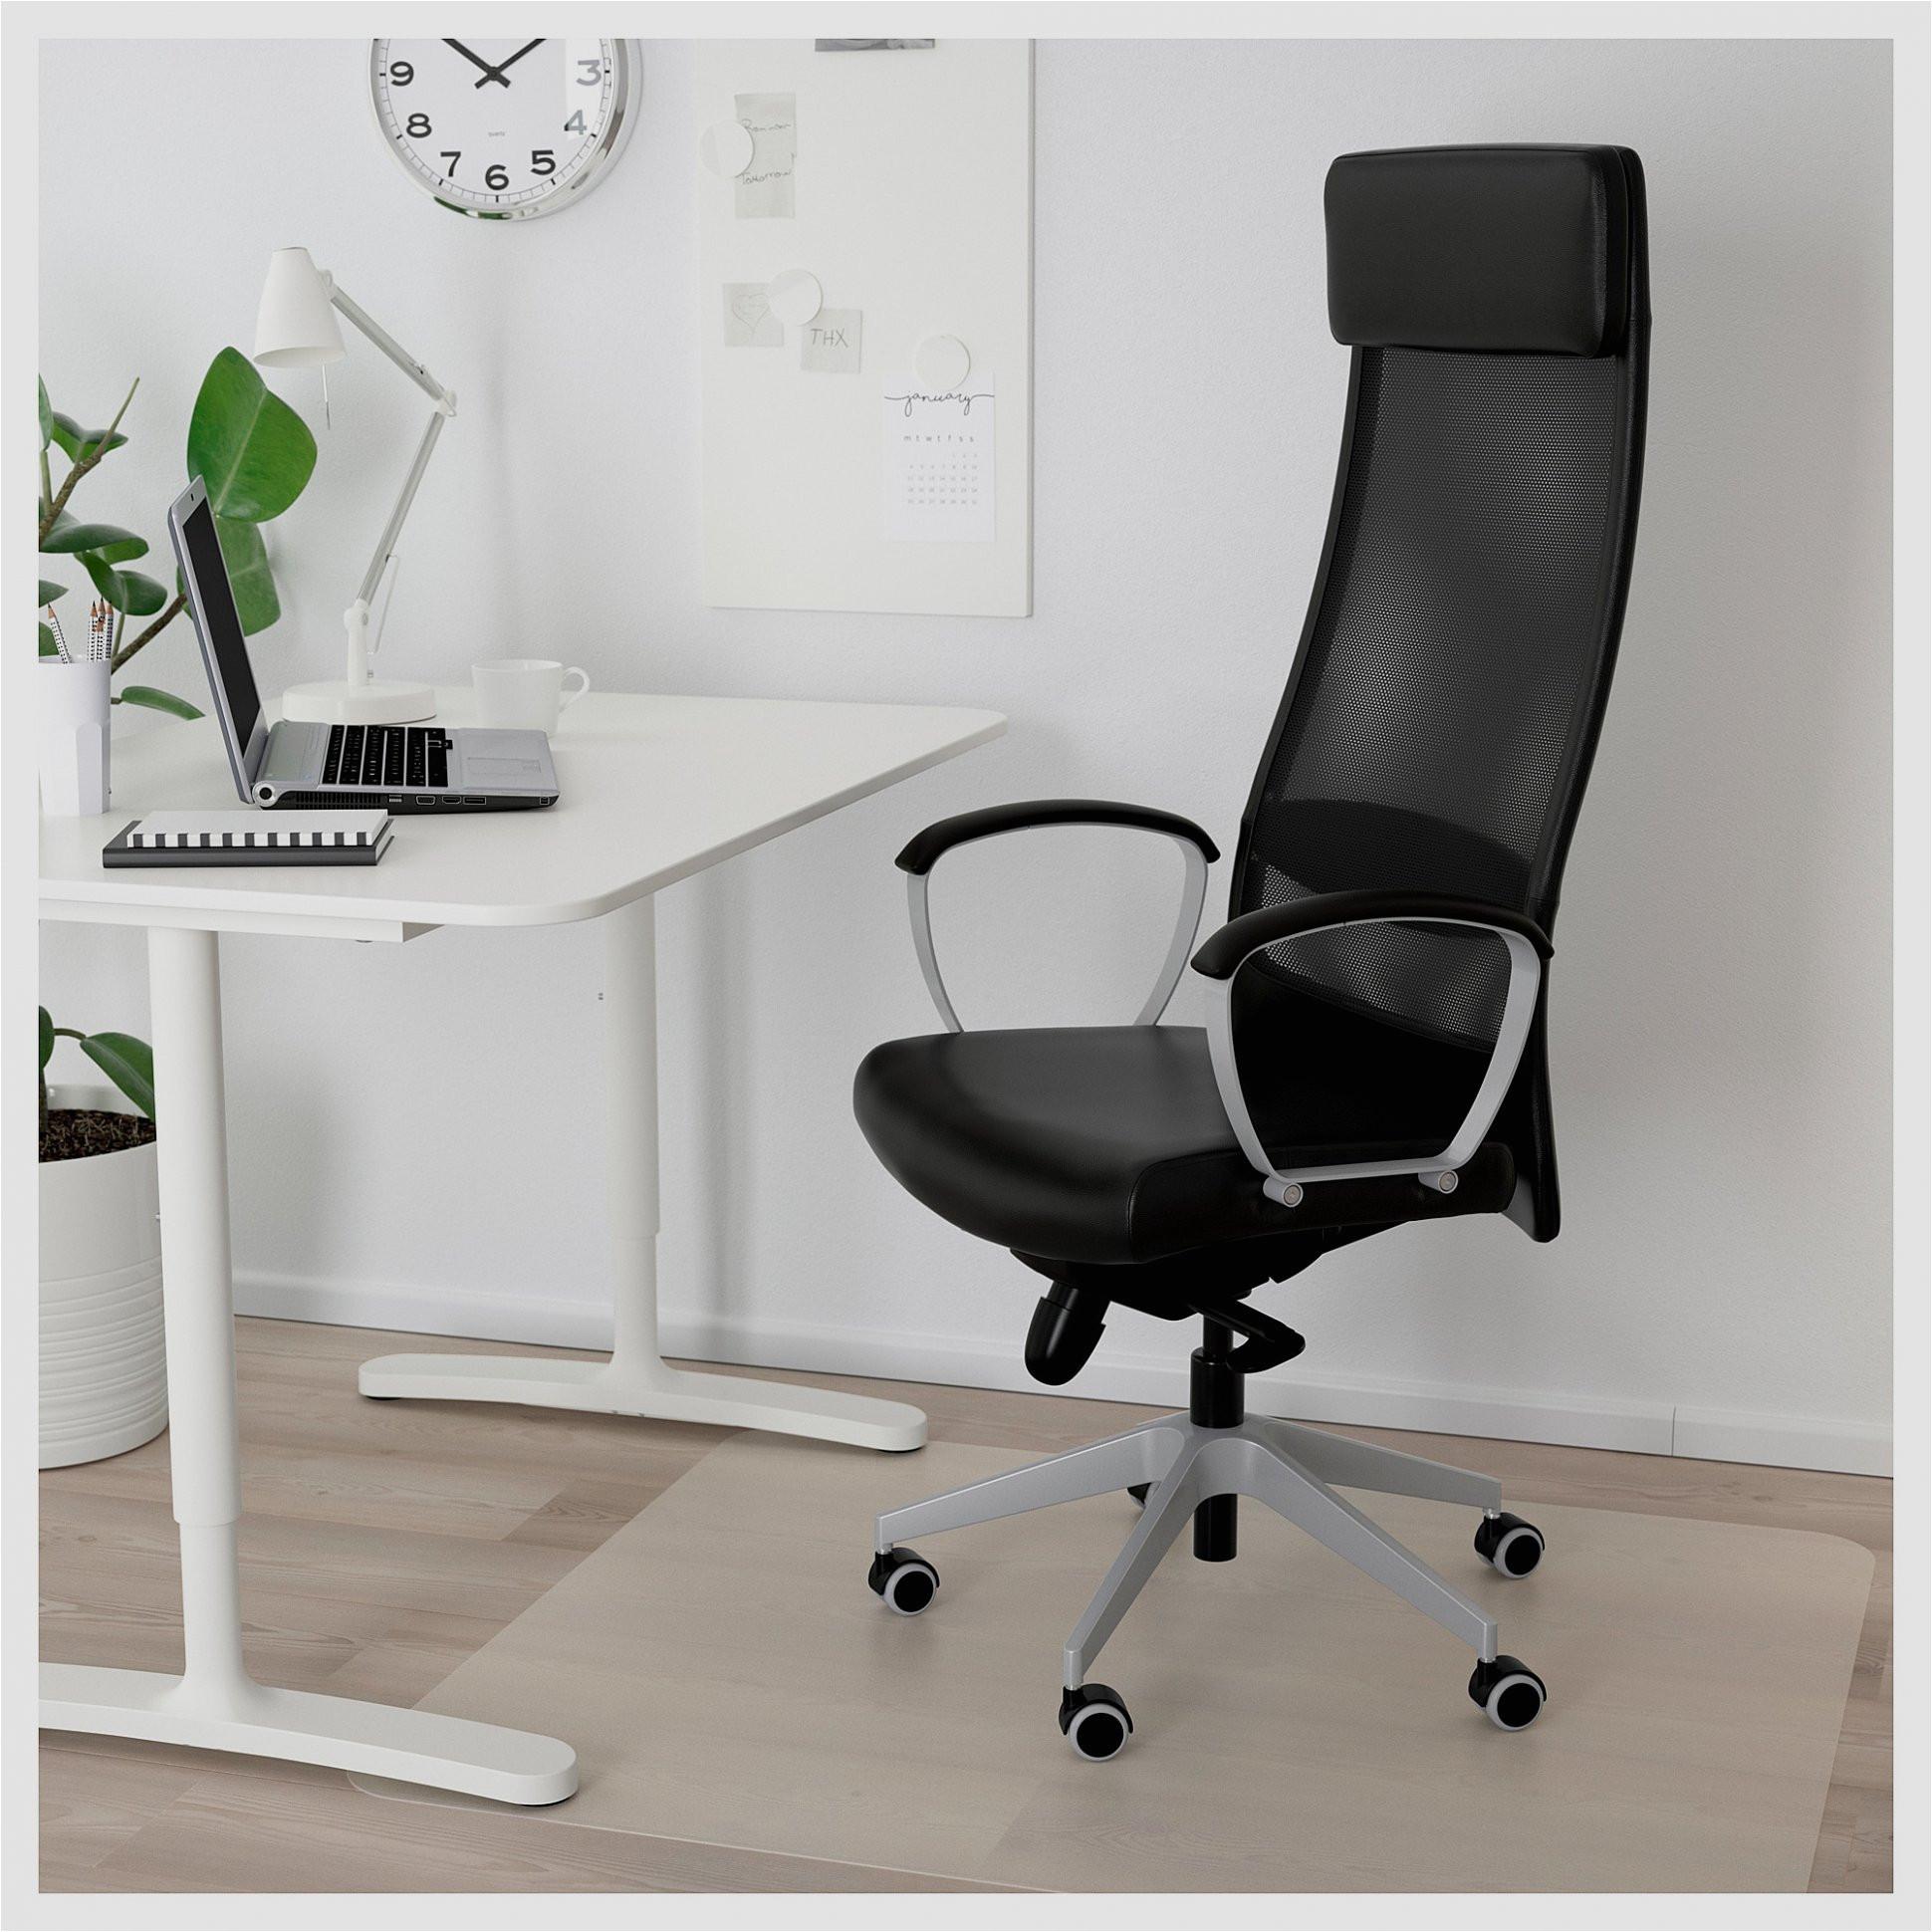 ikea markus silla giratoria la altura de la silla se puede regular y te ofrece la